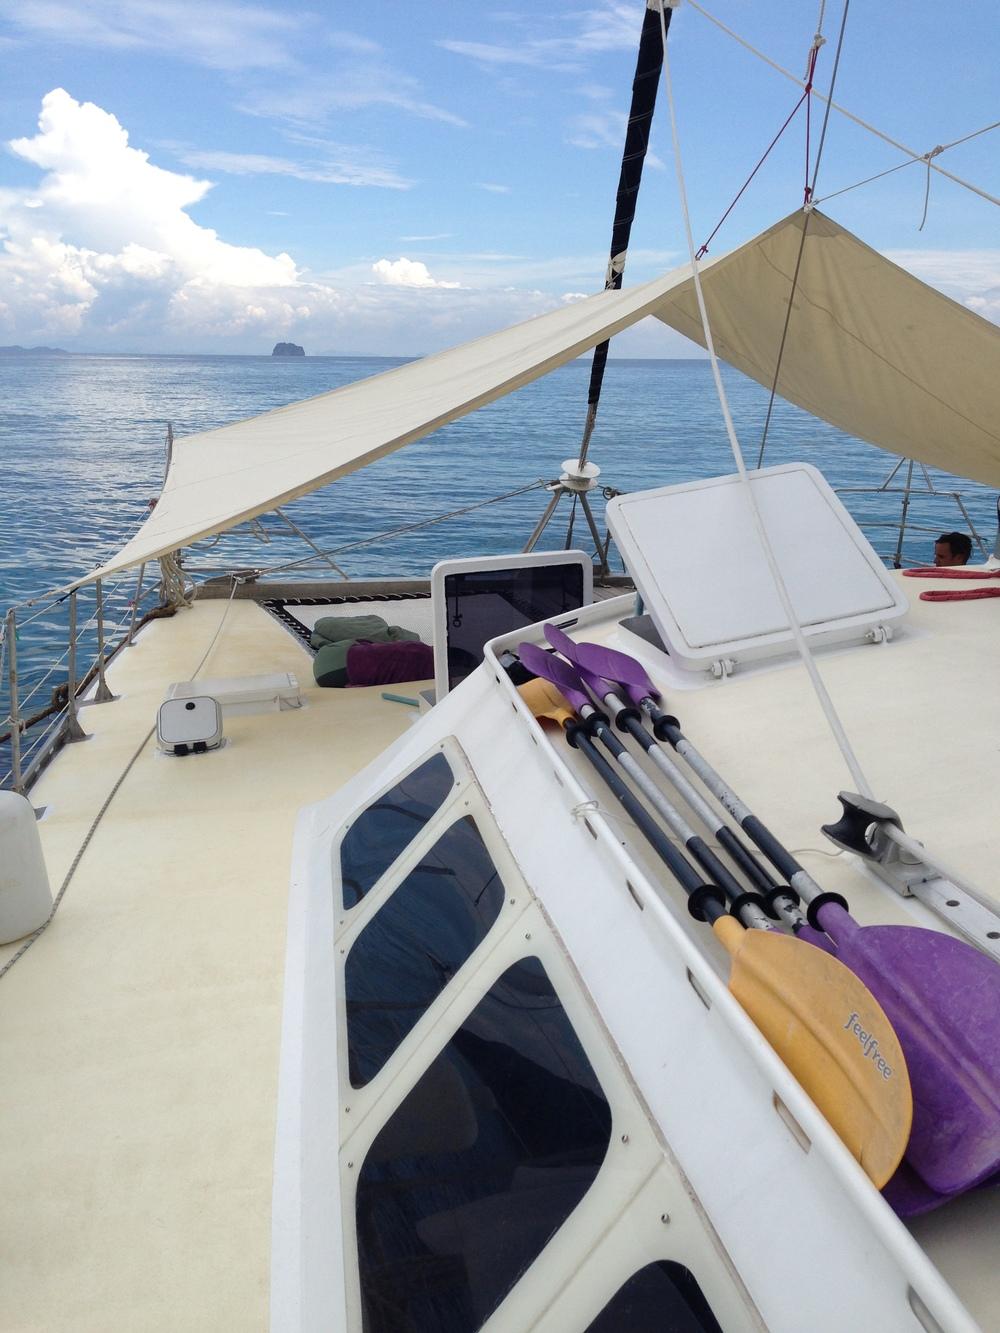 intrepid Phuket sailing adventure